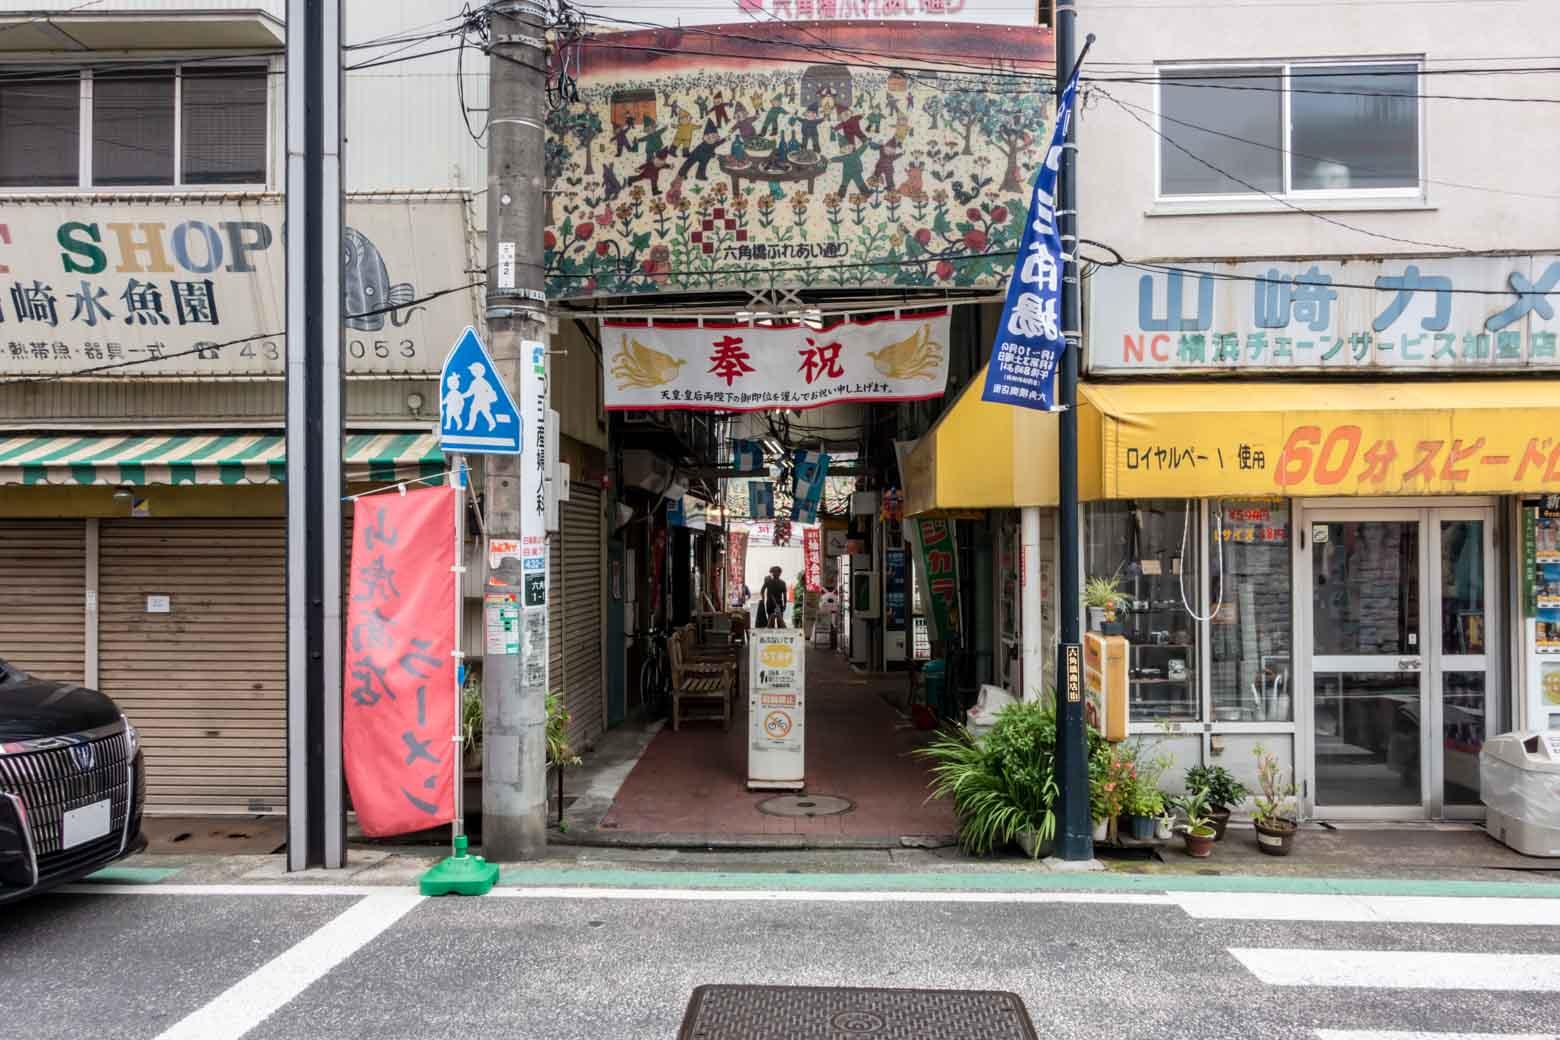 これだけでも十分楽しい商店街なのですが、ほかにも見どころがあります。さっきのカメラ店の横の路地を進むと……